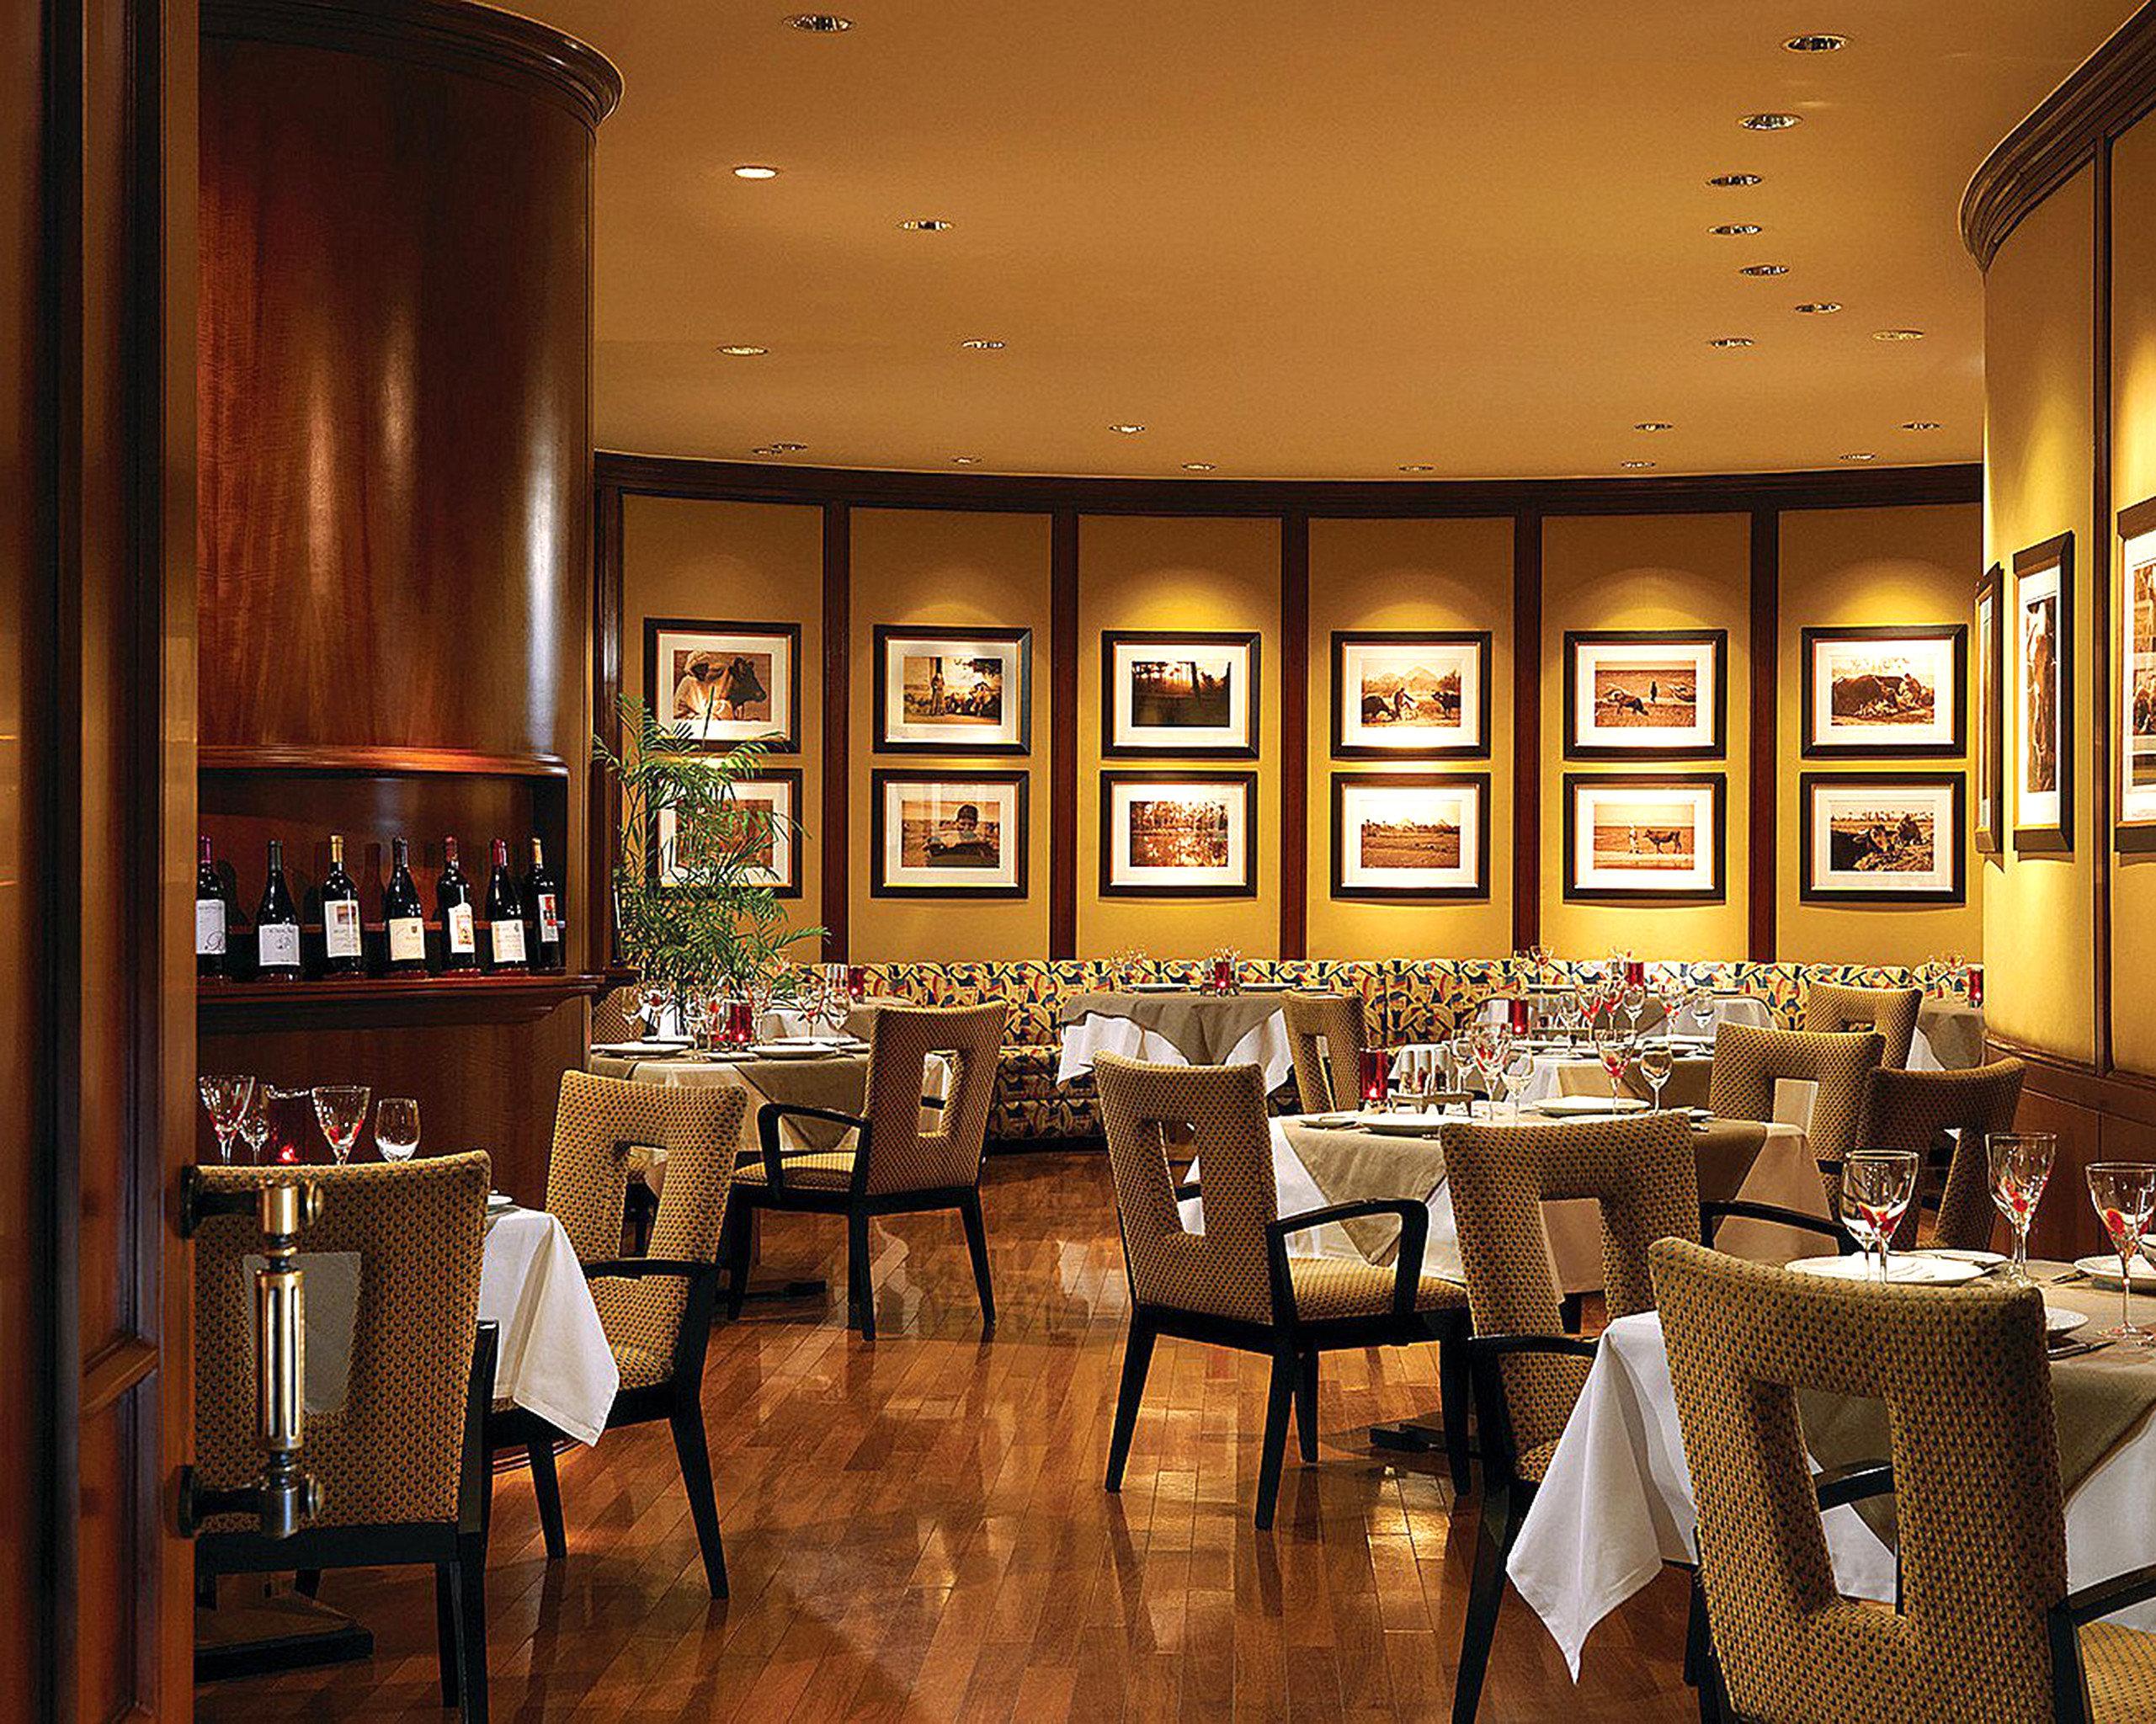 Dining Drink Eat Modern restaurant café function hall Bar Lobby